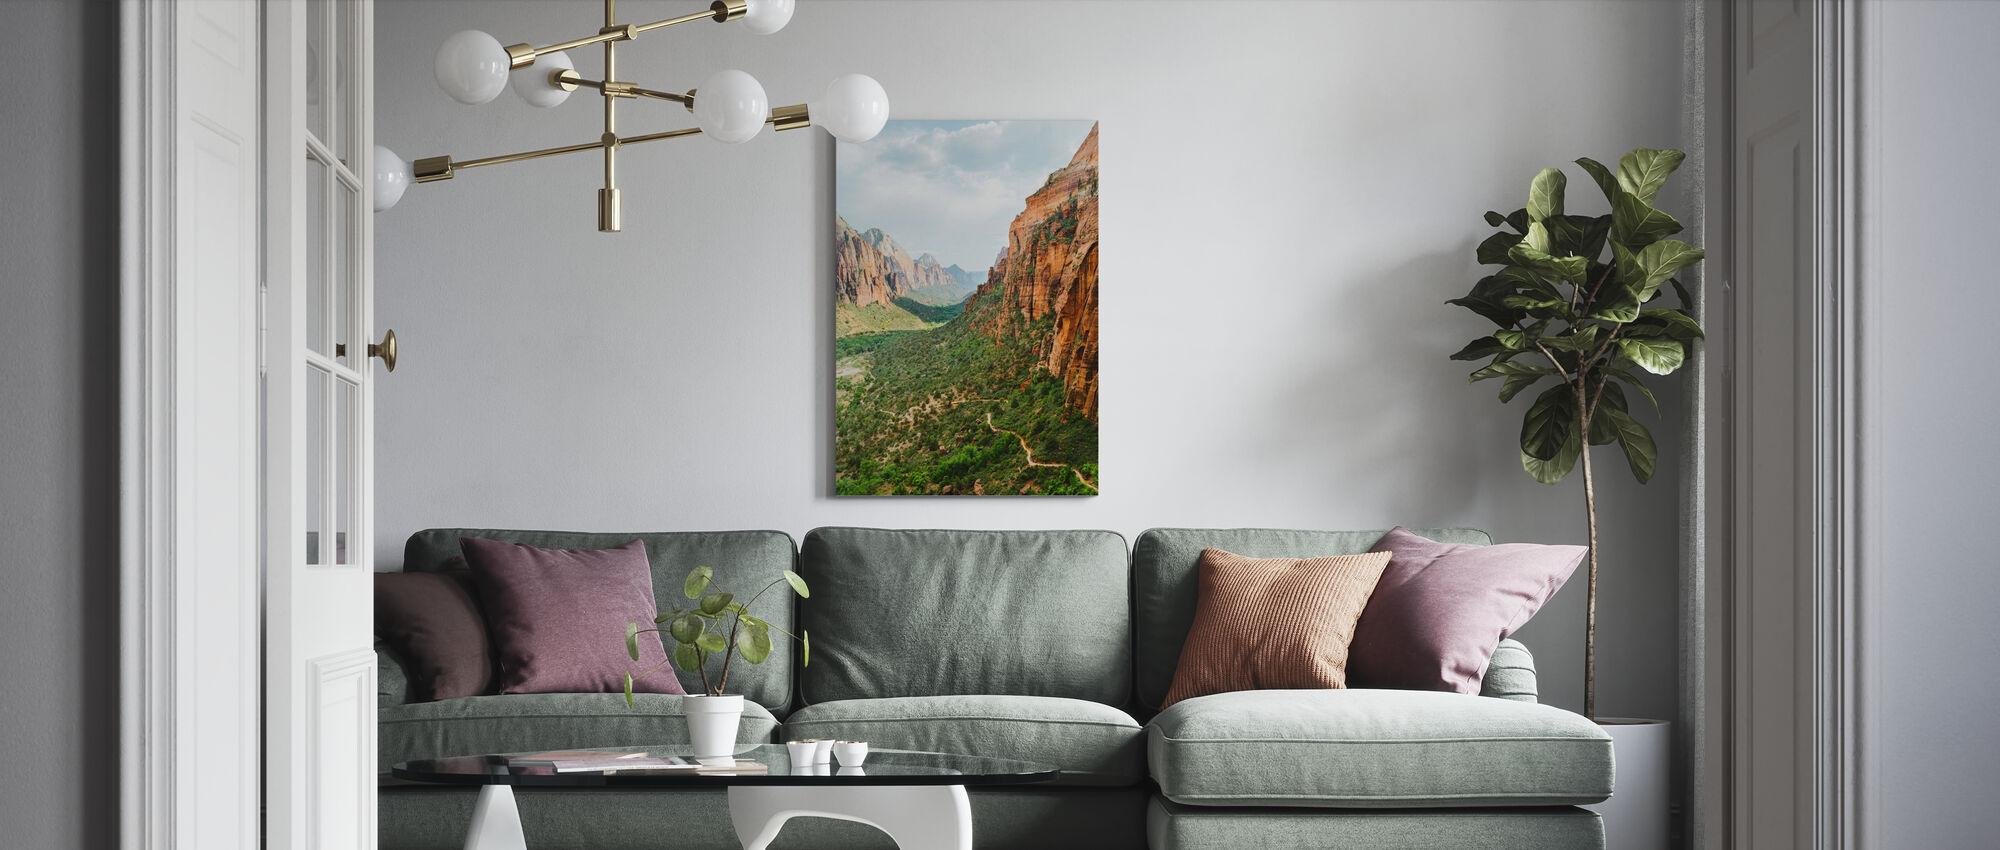 Valley in Zion National Park, Verenigde Staten - Canvas print - Woonkamer